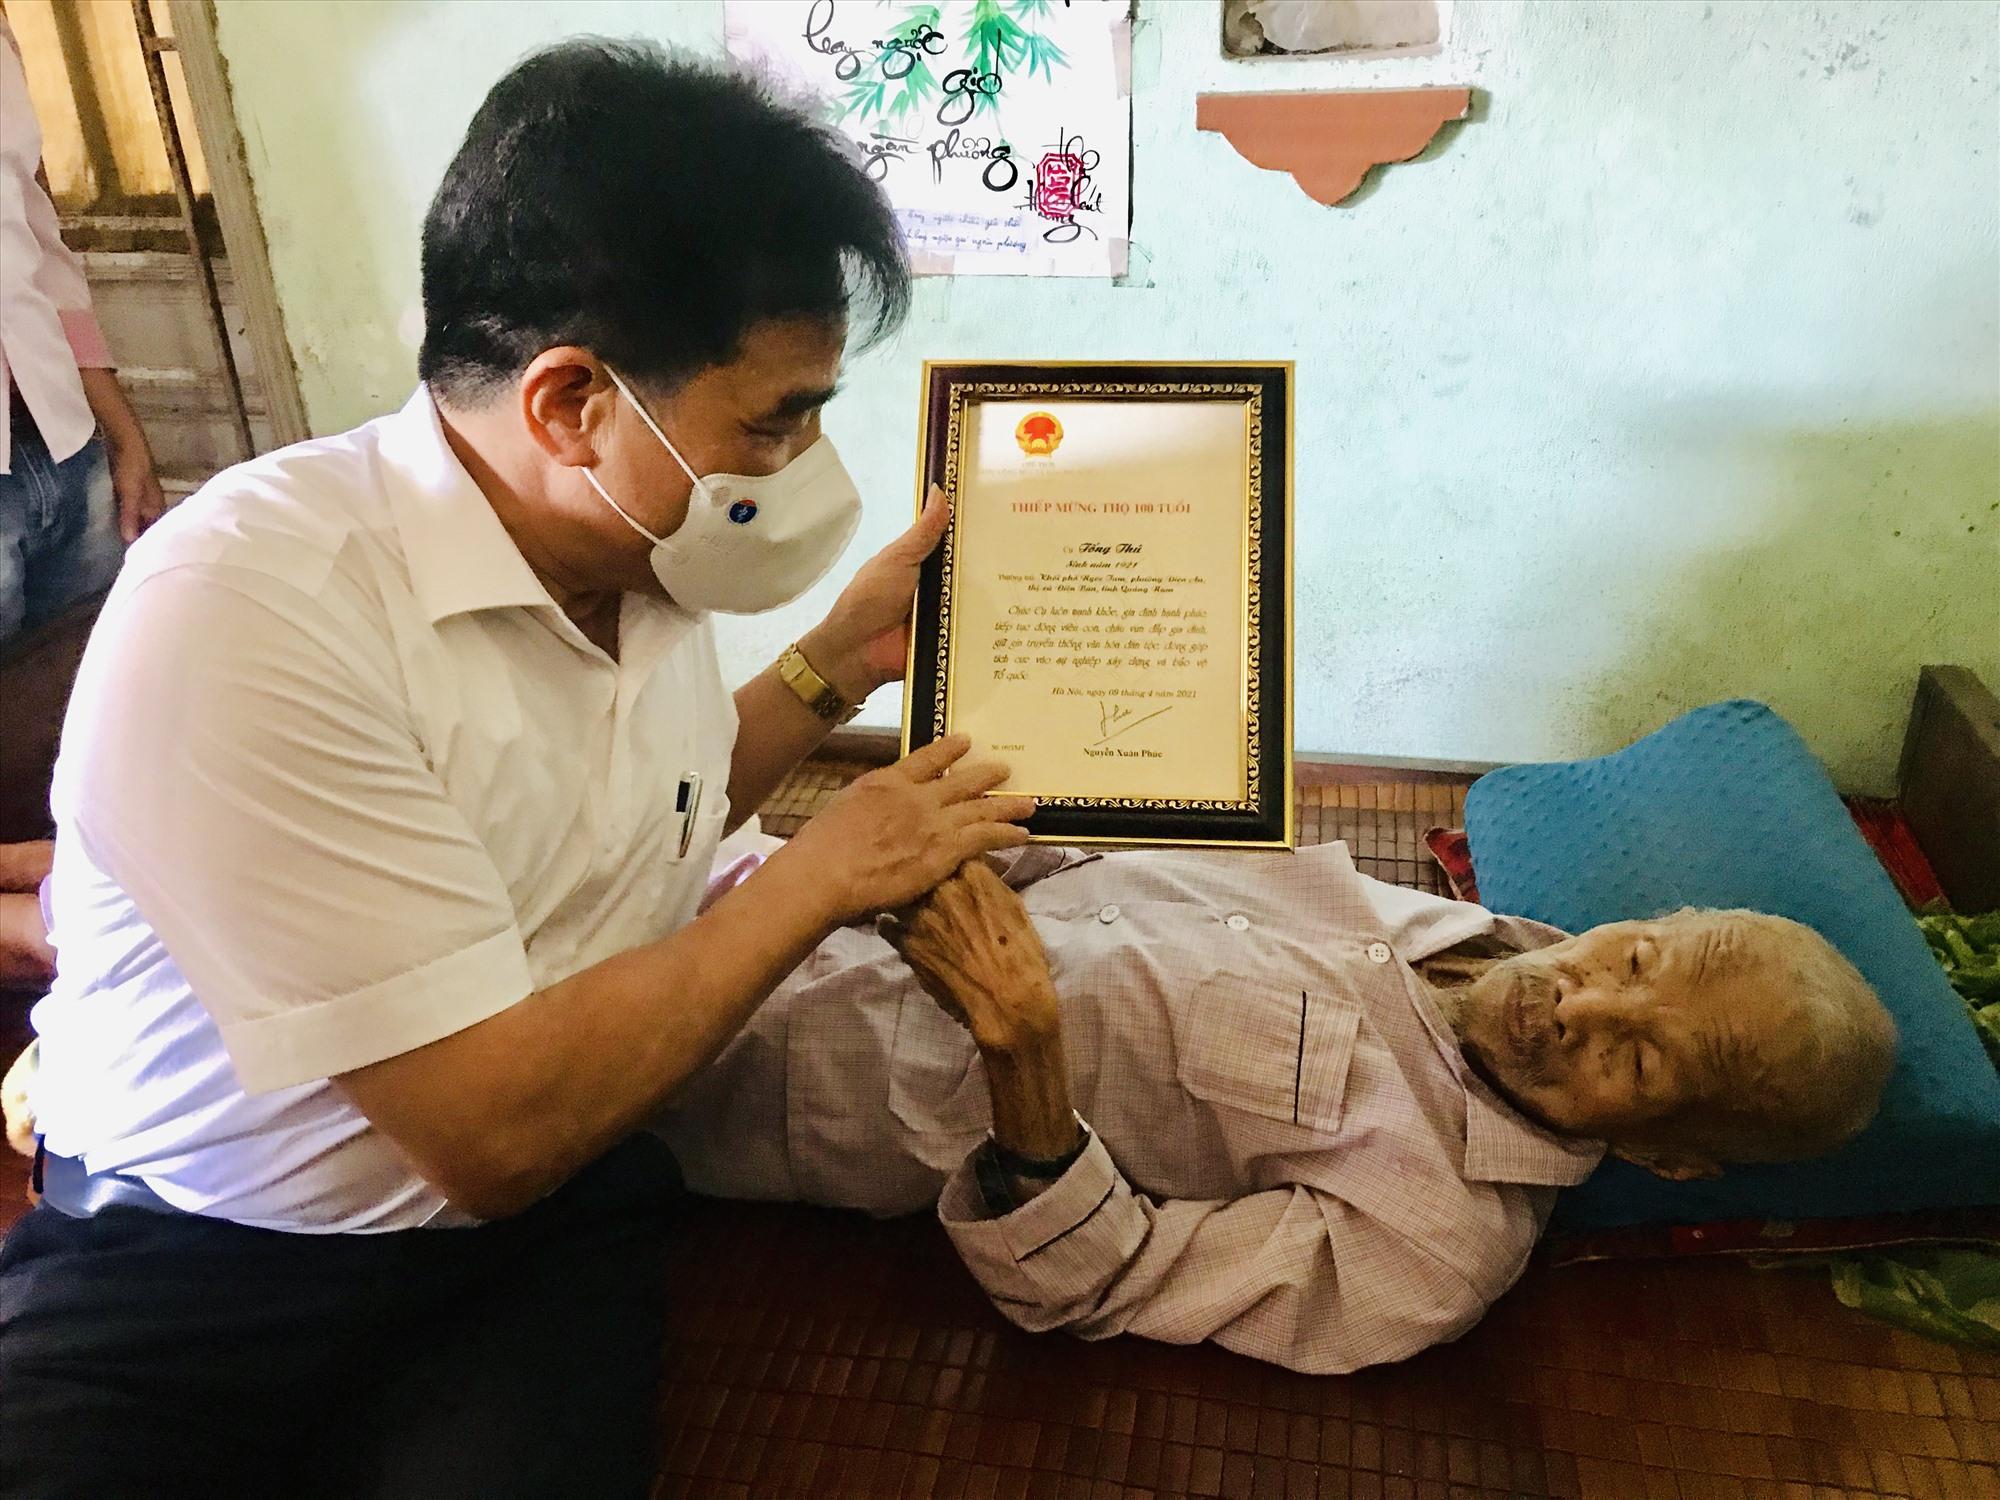 Trao thiếp mừng thọ 100 tuổi của Chủ tịch nước cho cụ Tống Thú. Ảnh: Q.T